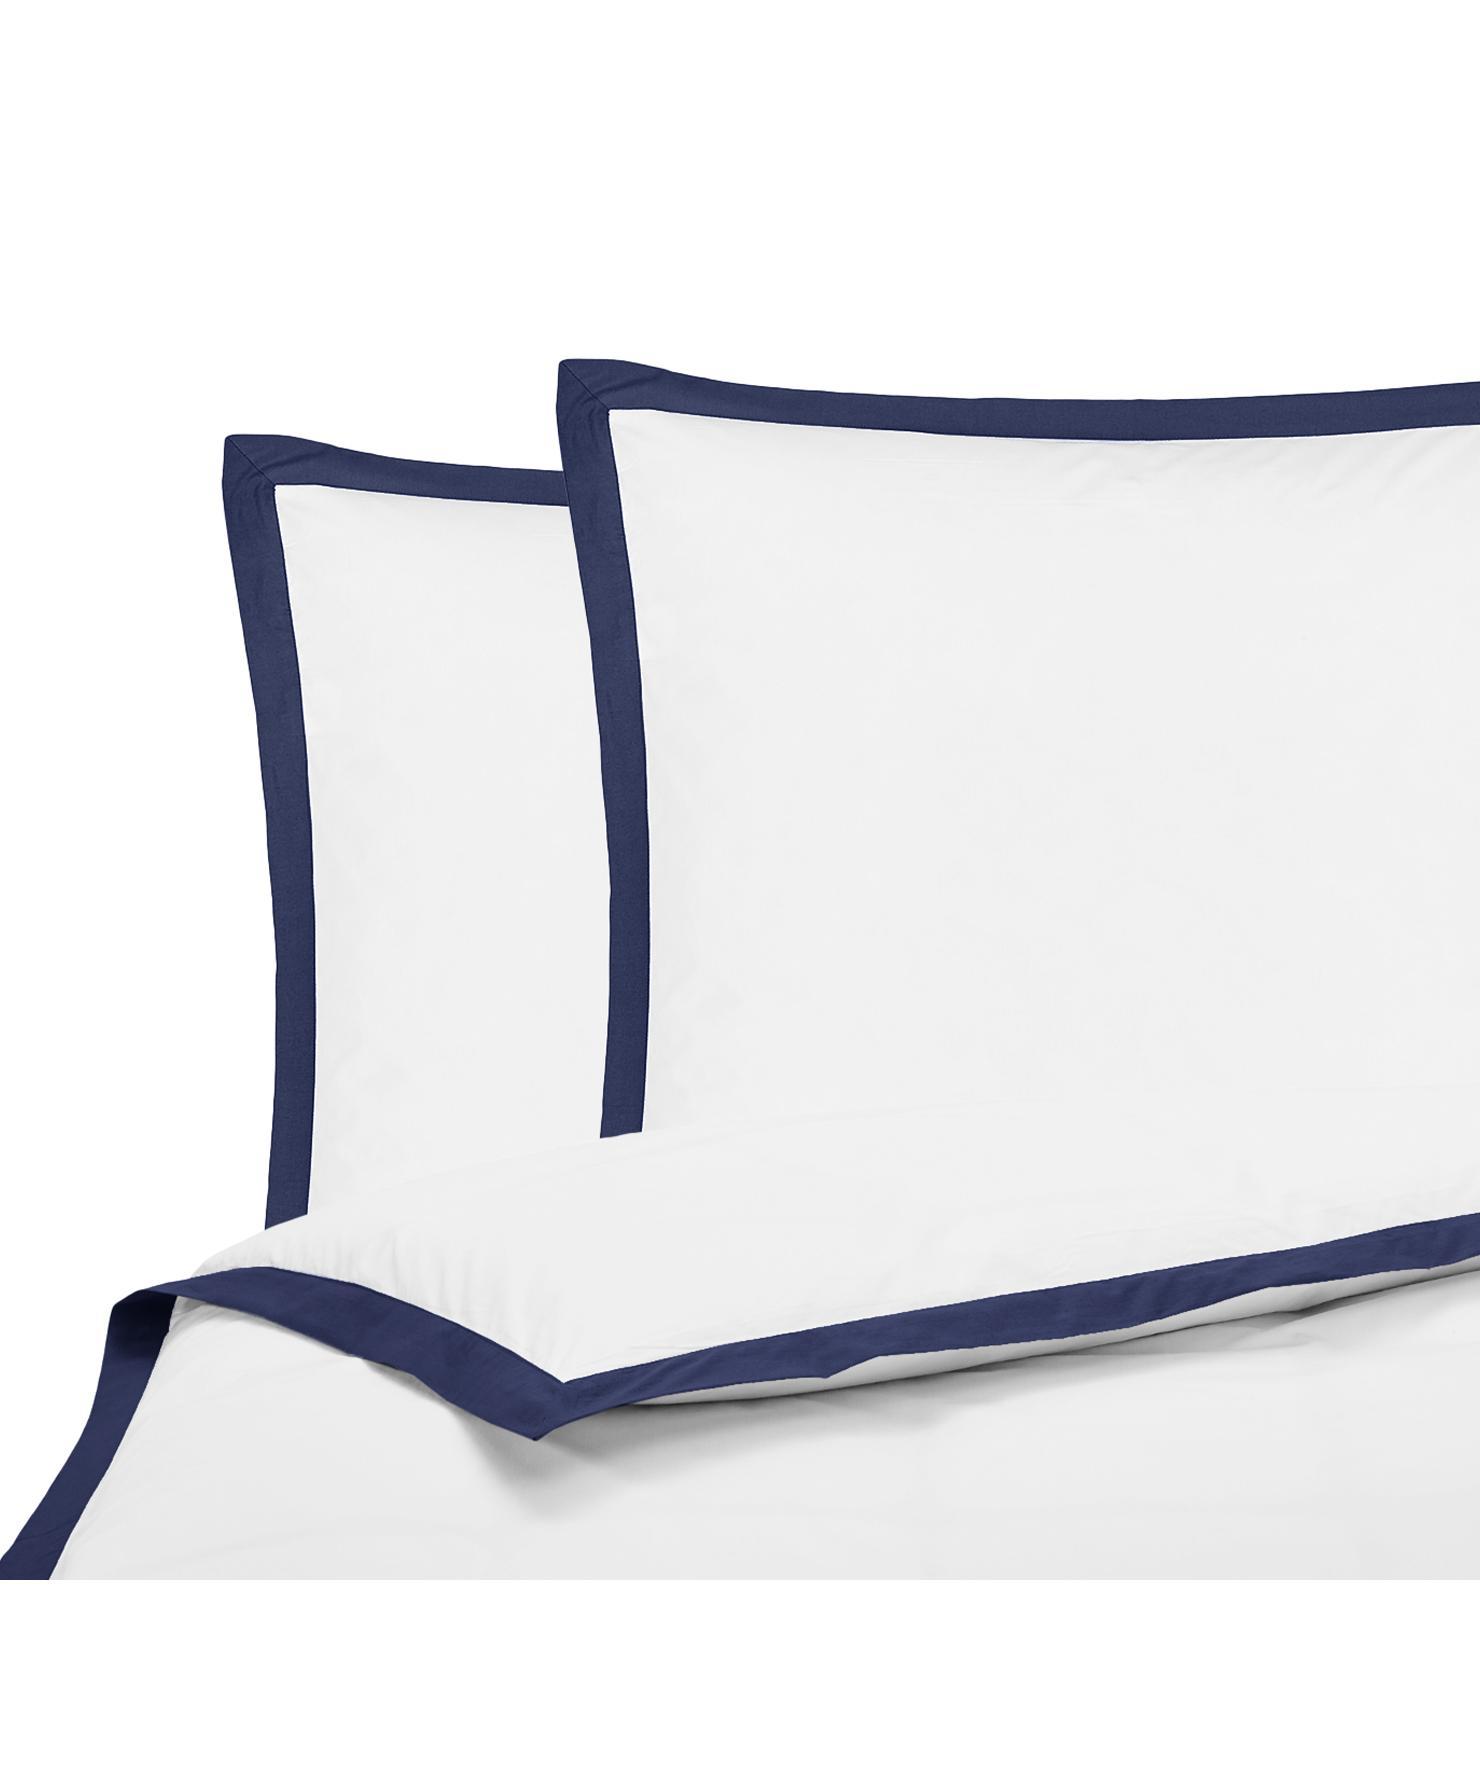 Baumwollperkal-Bettwäsche Joanna in Weiß mit blauem Stehsaum, Webart: Perkal Fadendichte 200 TC, Weiß, Dunkelblau, 200 x 200 cm + 2 Kissen 80 x 80 cm